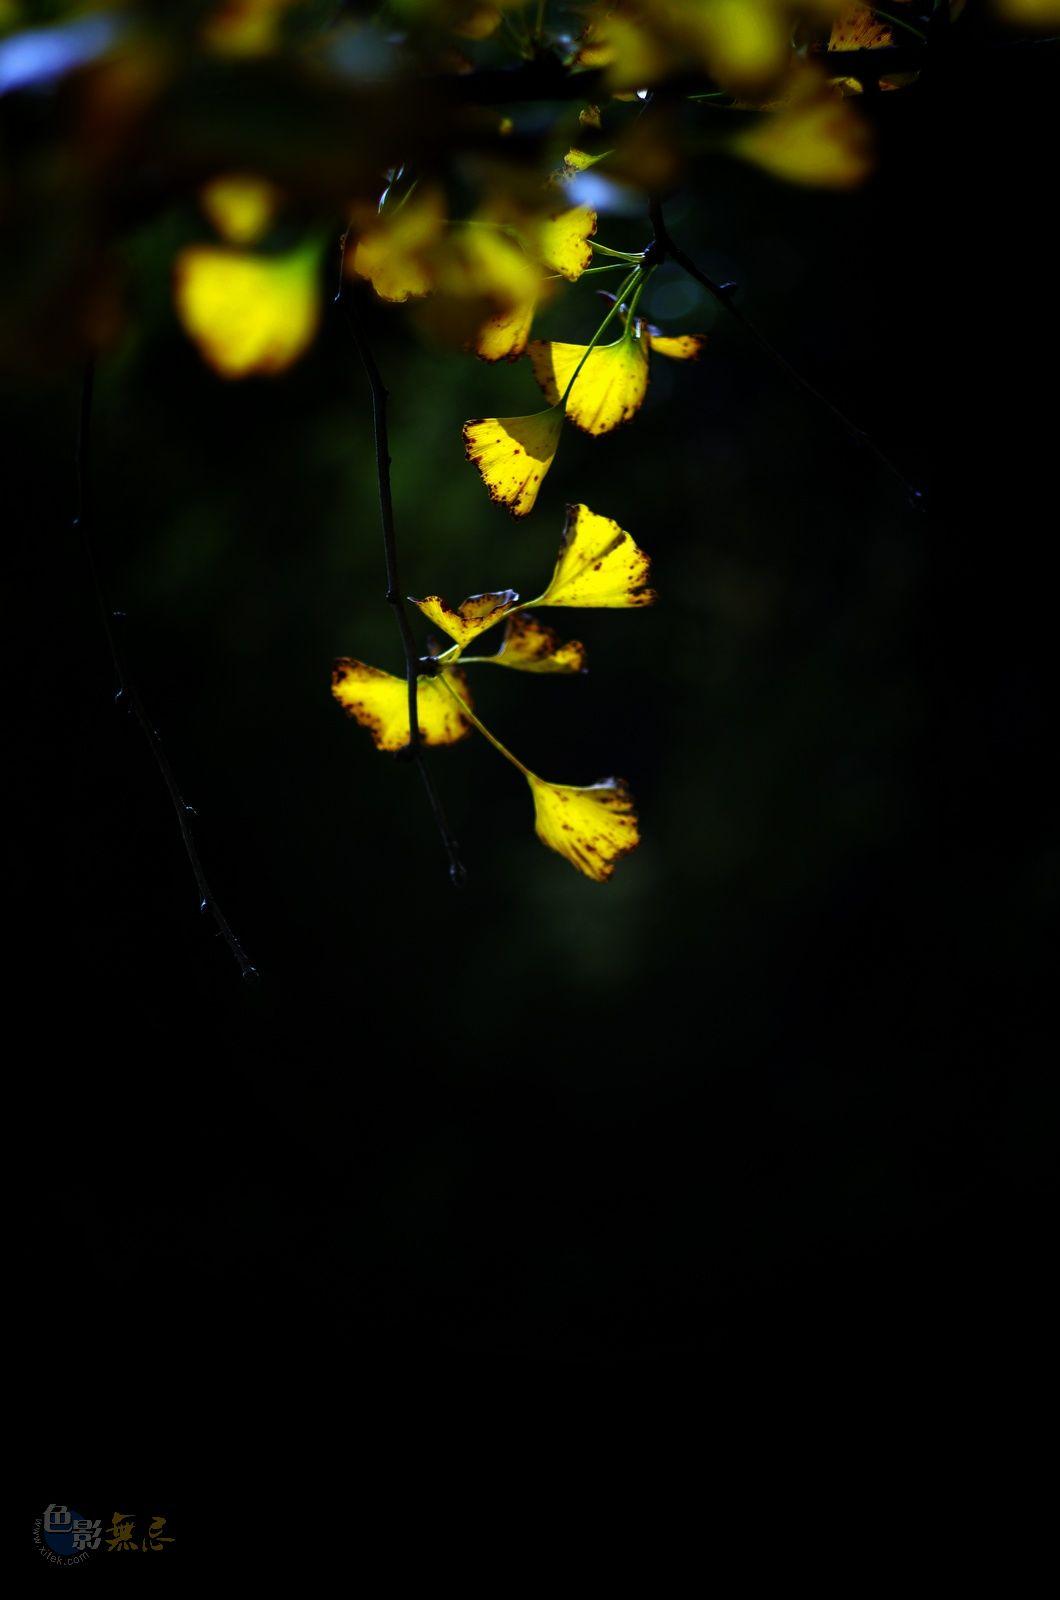 秋天的树2摄影作品 银杏叶子 -银杏叶子